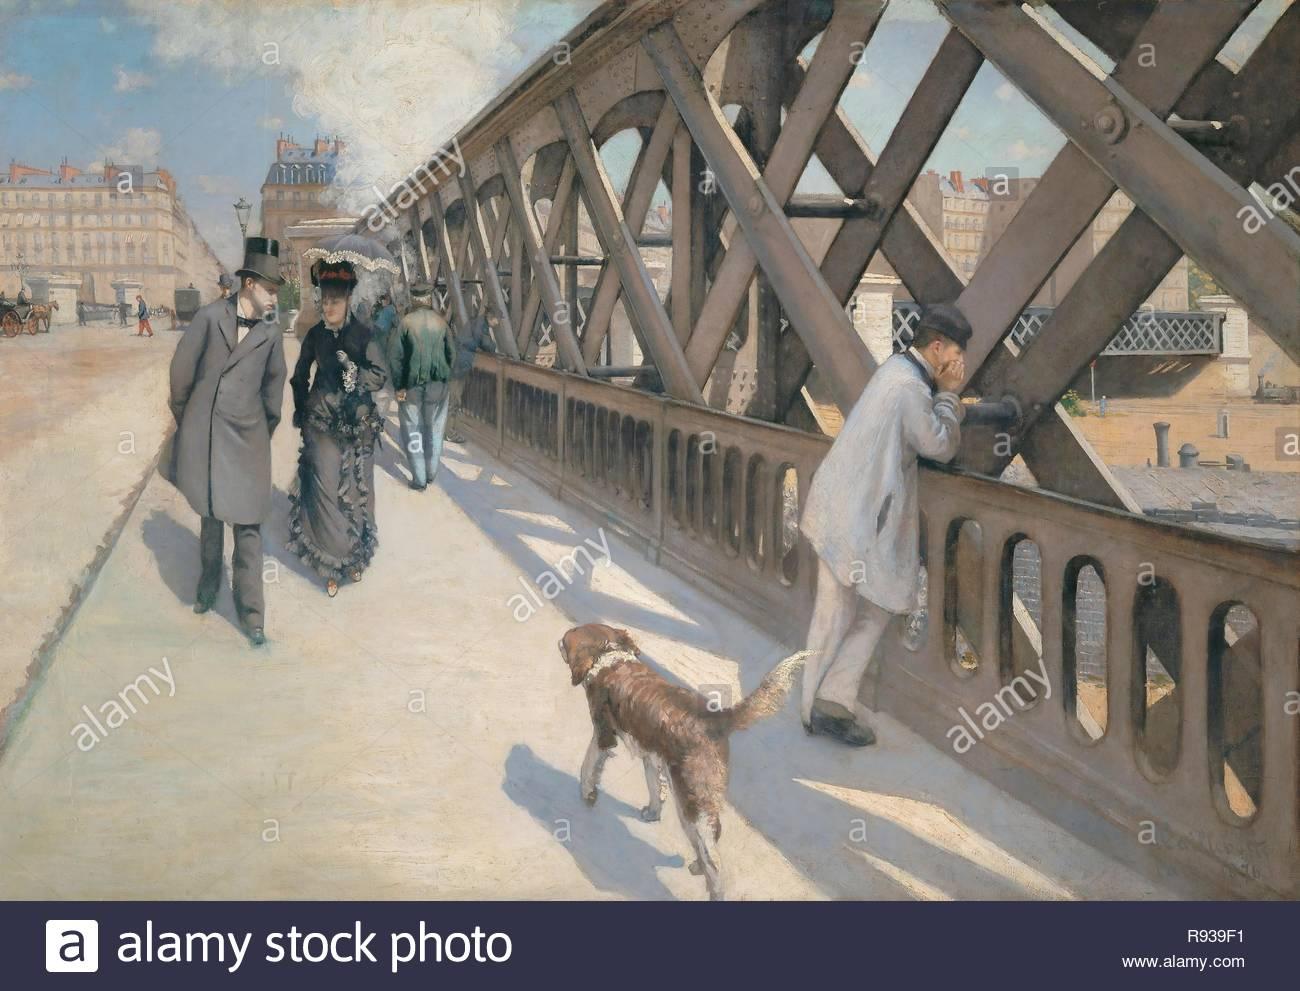 Le Pont de l'Europe, Paris, 1876 Oil on canvas 125 x 180 cm. Author: CAILLEBOTTE, GUSTAVE. Location: Musee du Petit Palais, Geneva, Switzerland. - Stock Image